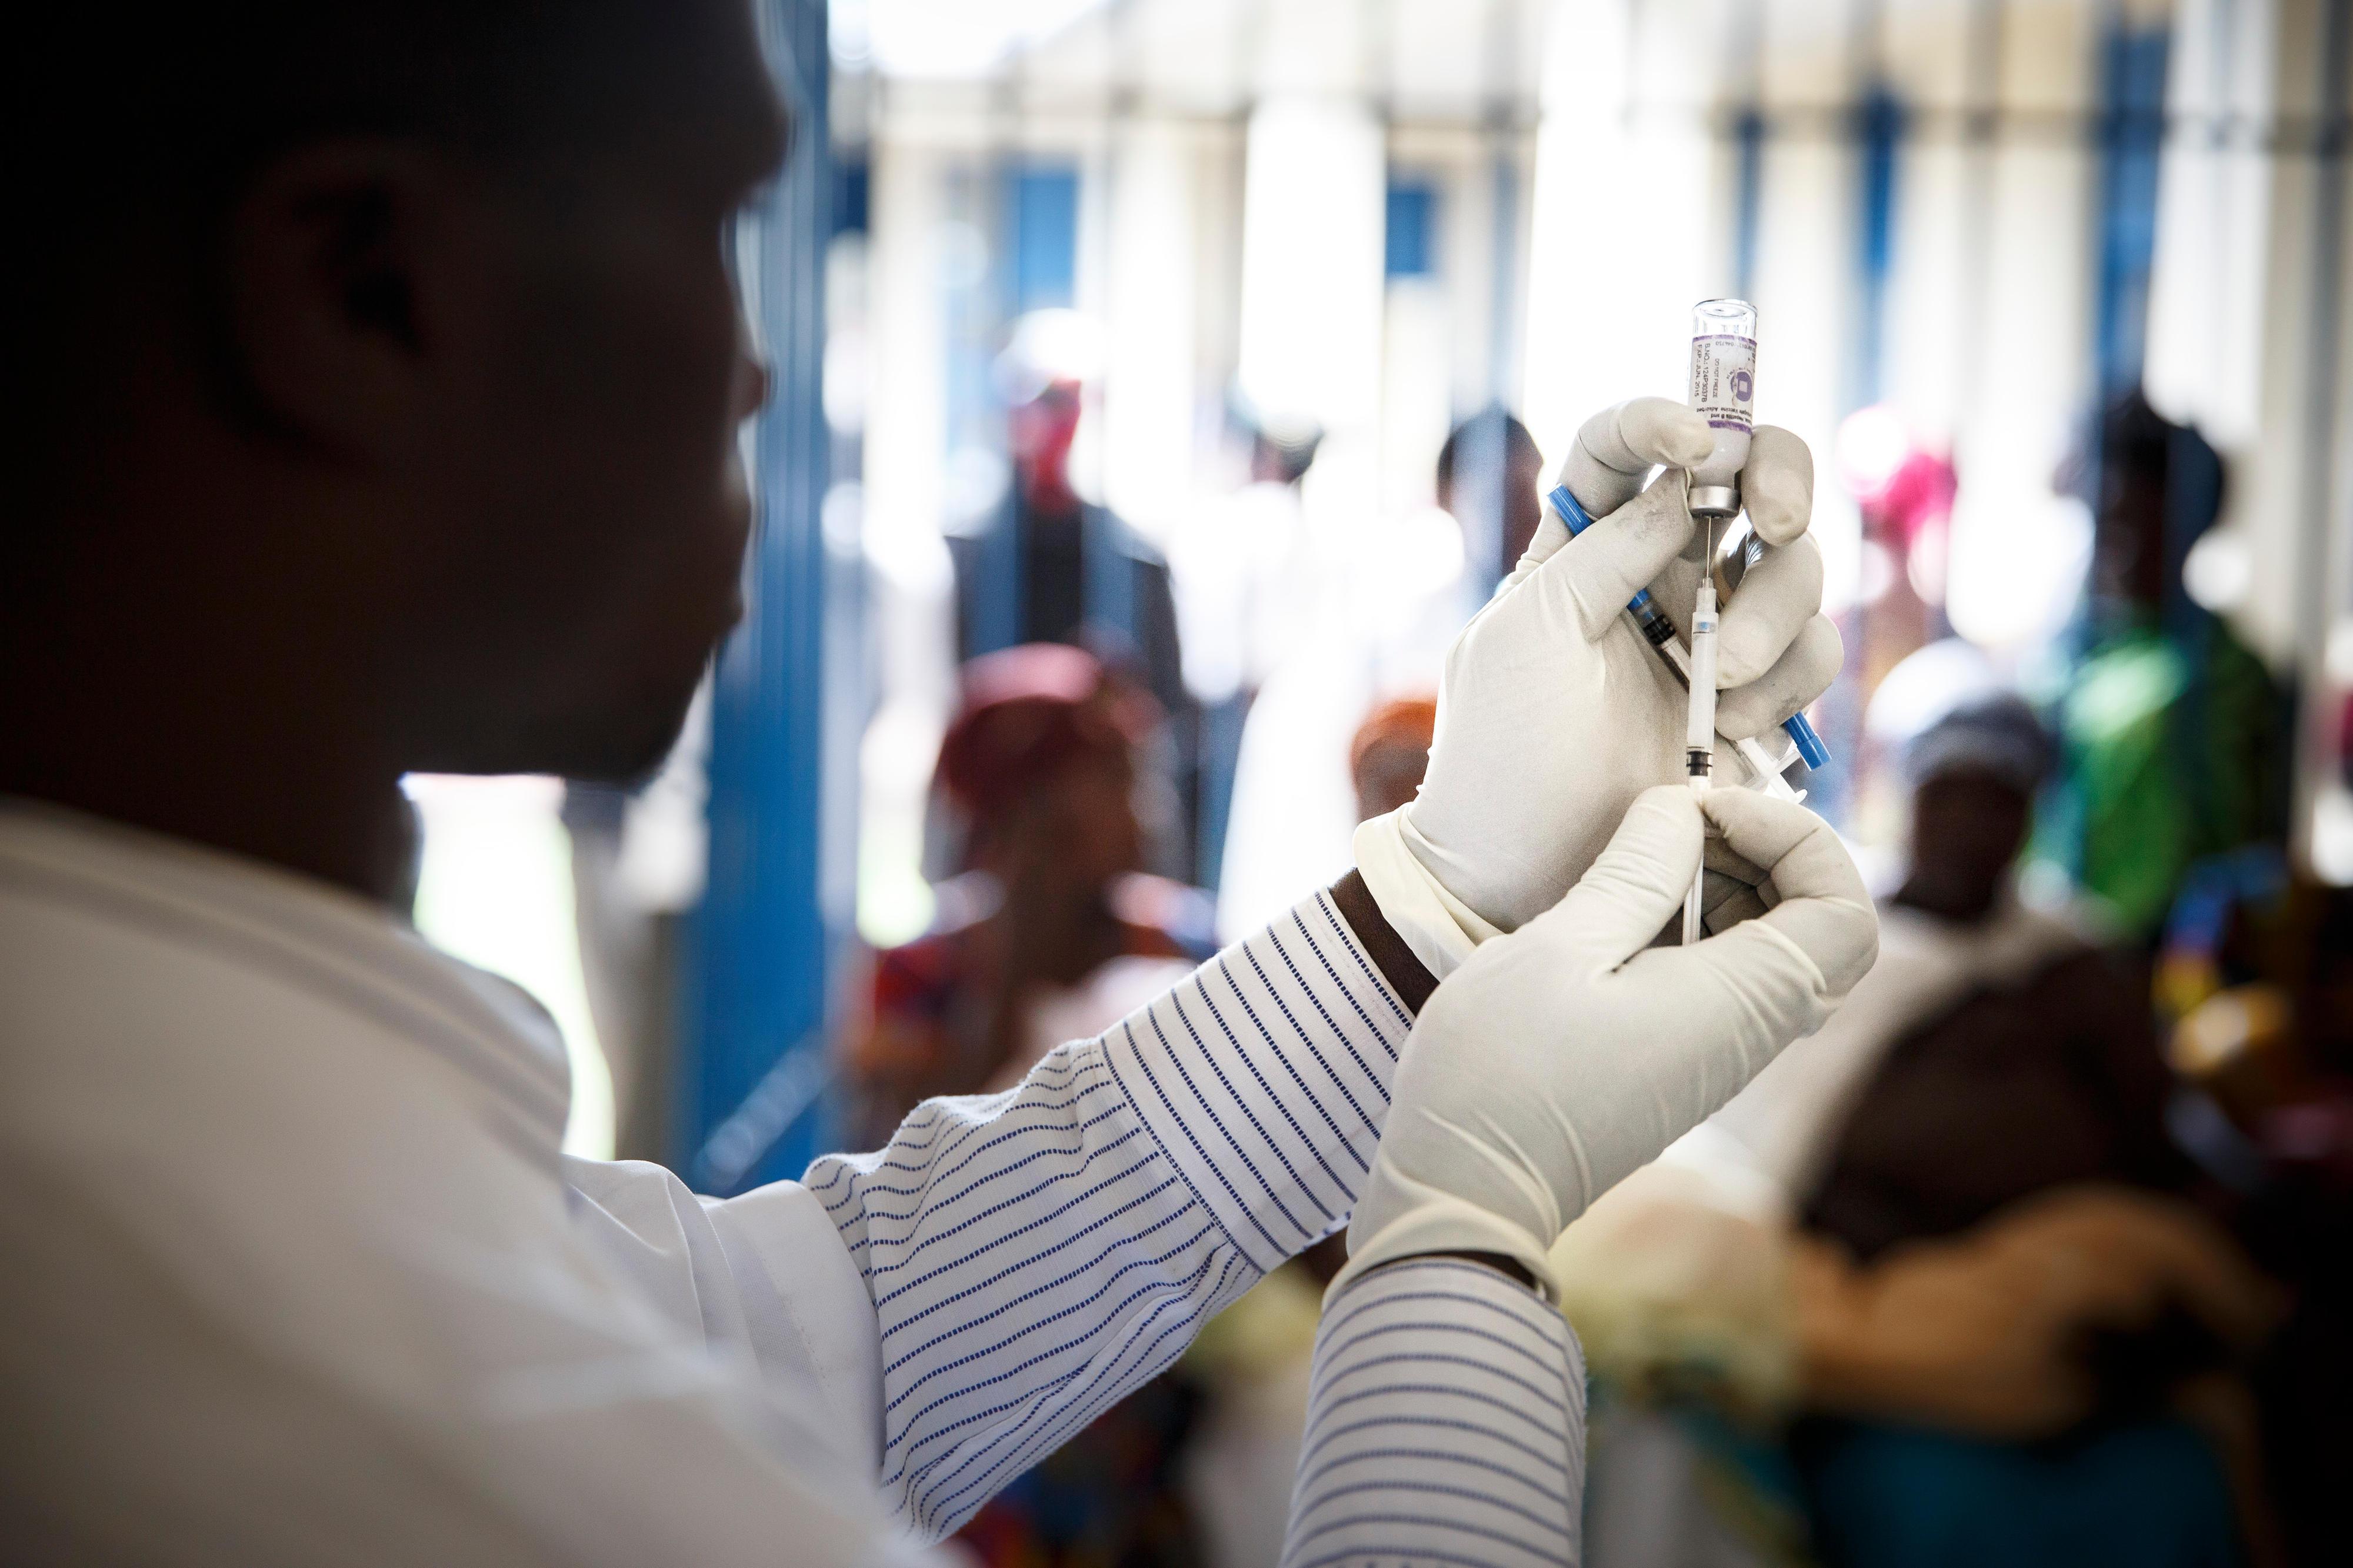 Impfung von Kleinkindern im Gesundheitszentrums Kibati Goma, in der Demokratischen Republik Kongo